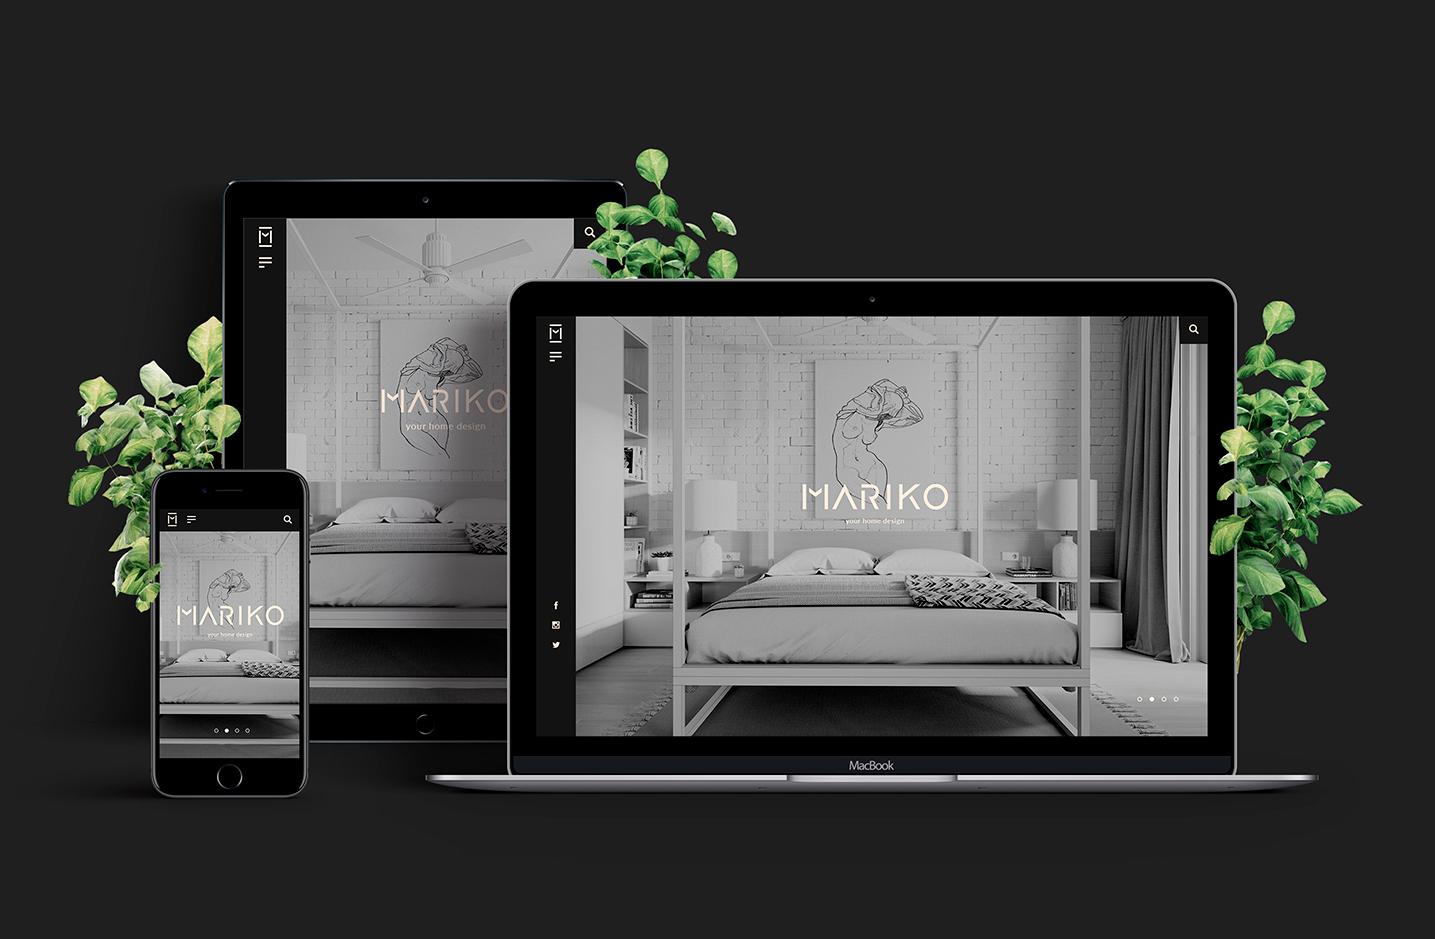 Diseño gráfico y adaptativo del proyecto web Mariko.